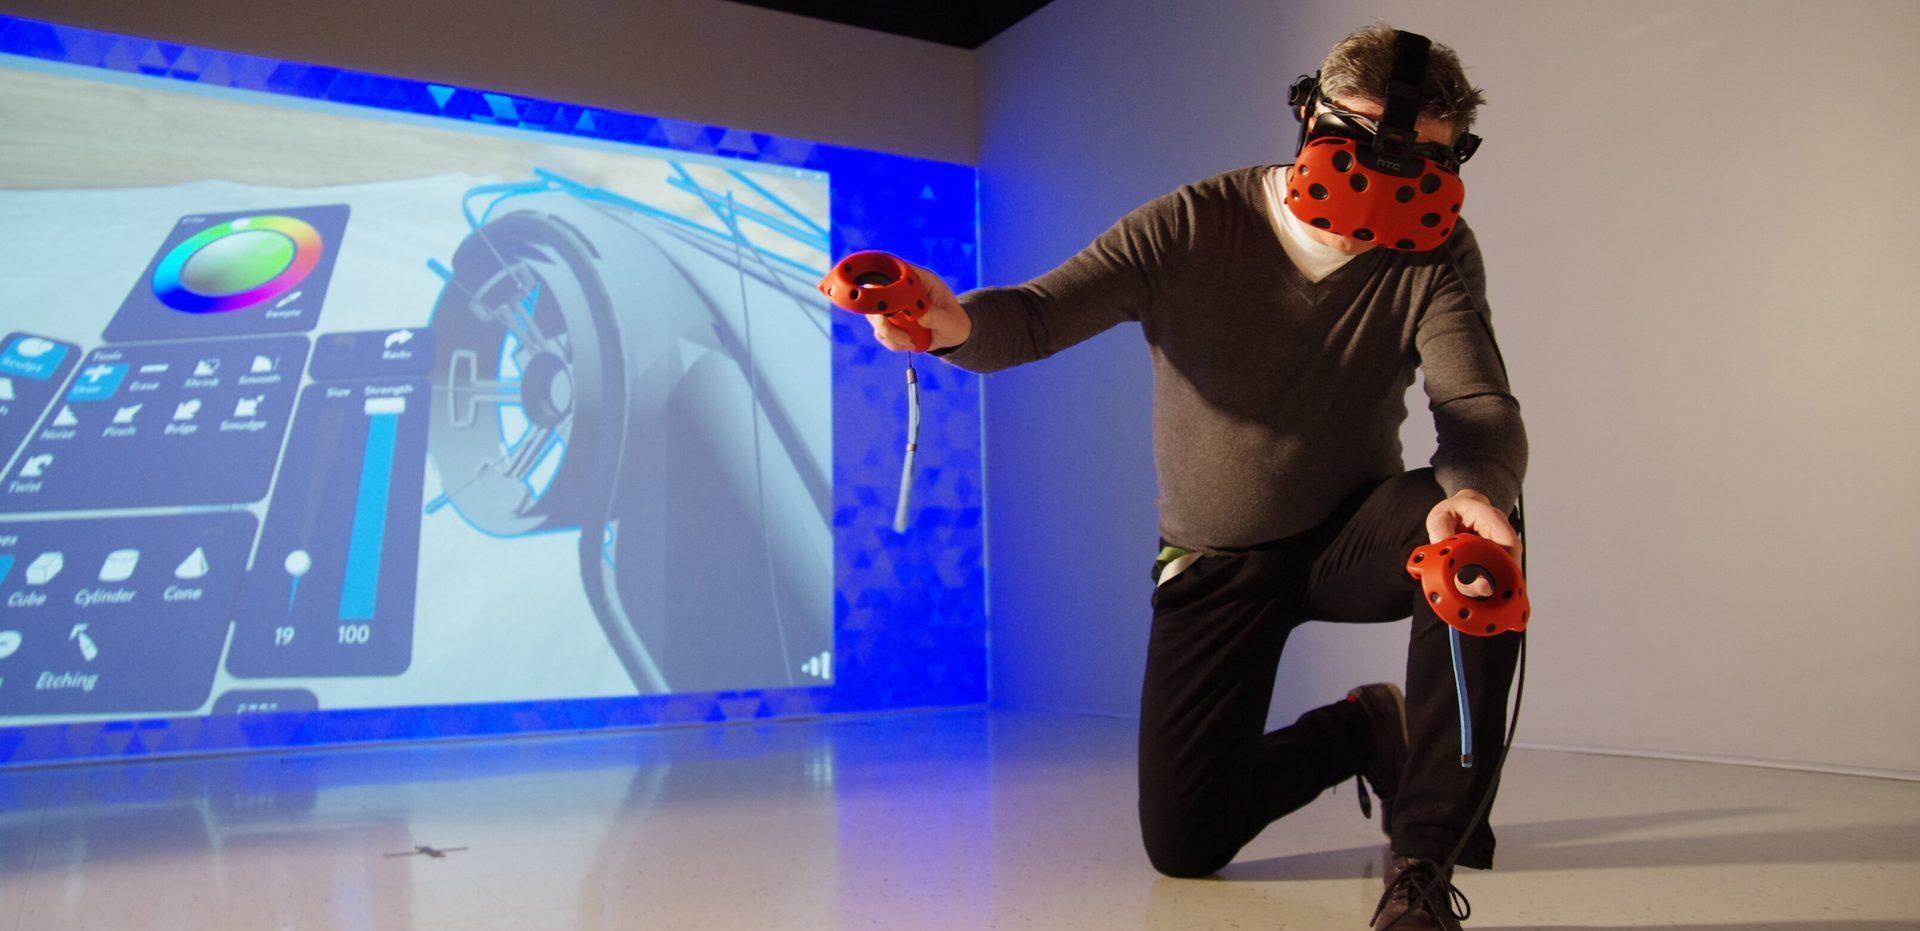 Dix entreprises québécoises du secteur métallurgique utiliseront la réalité virtuelle pour améliorer la formation et les ventes à distance